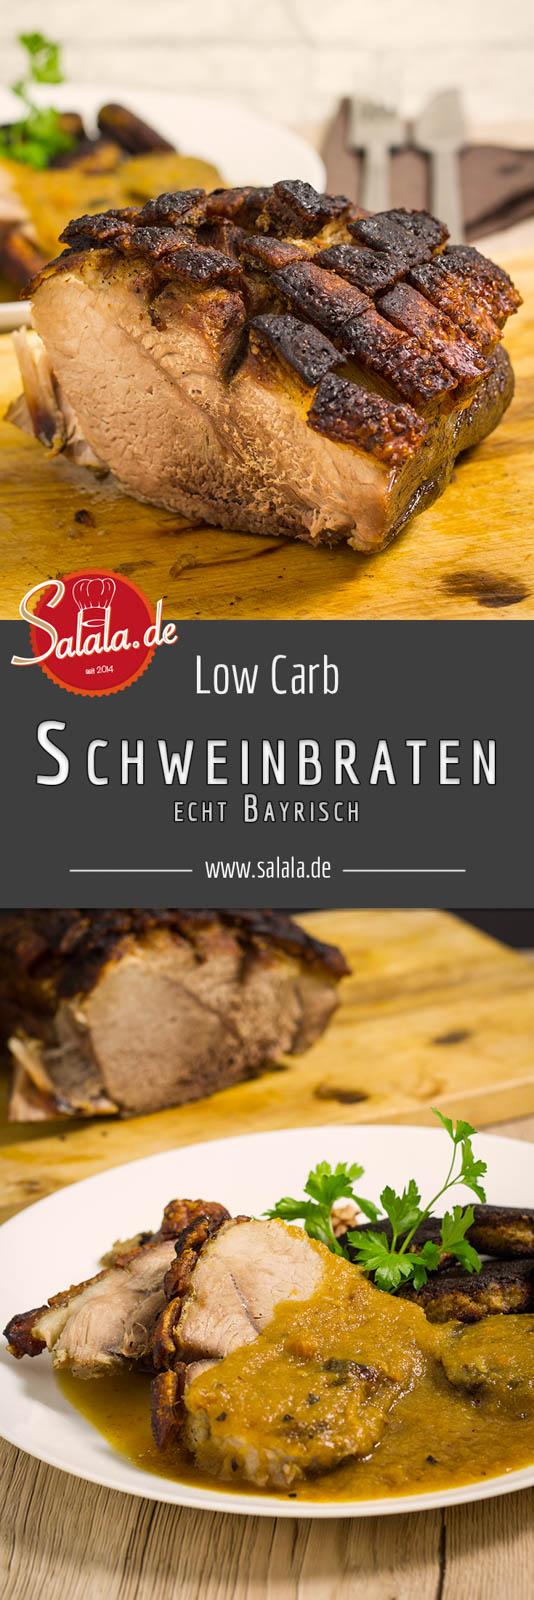 Bayerischer Schweinebraten mit Kruste Rezept - by salala.de - Low Carb kochen, Low Carb auf bayrisch, Schweinebraten, Krustenbraten, knusprig und mit himmlischer Sauce